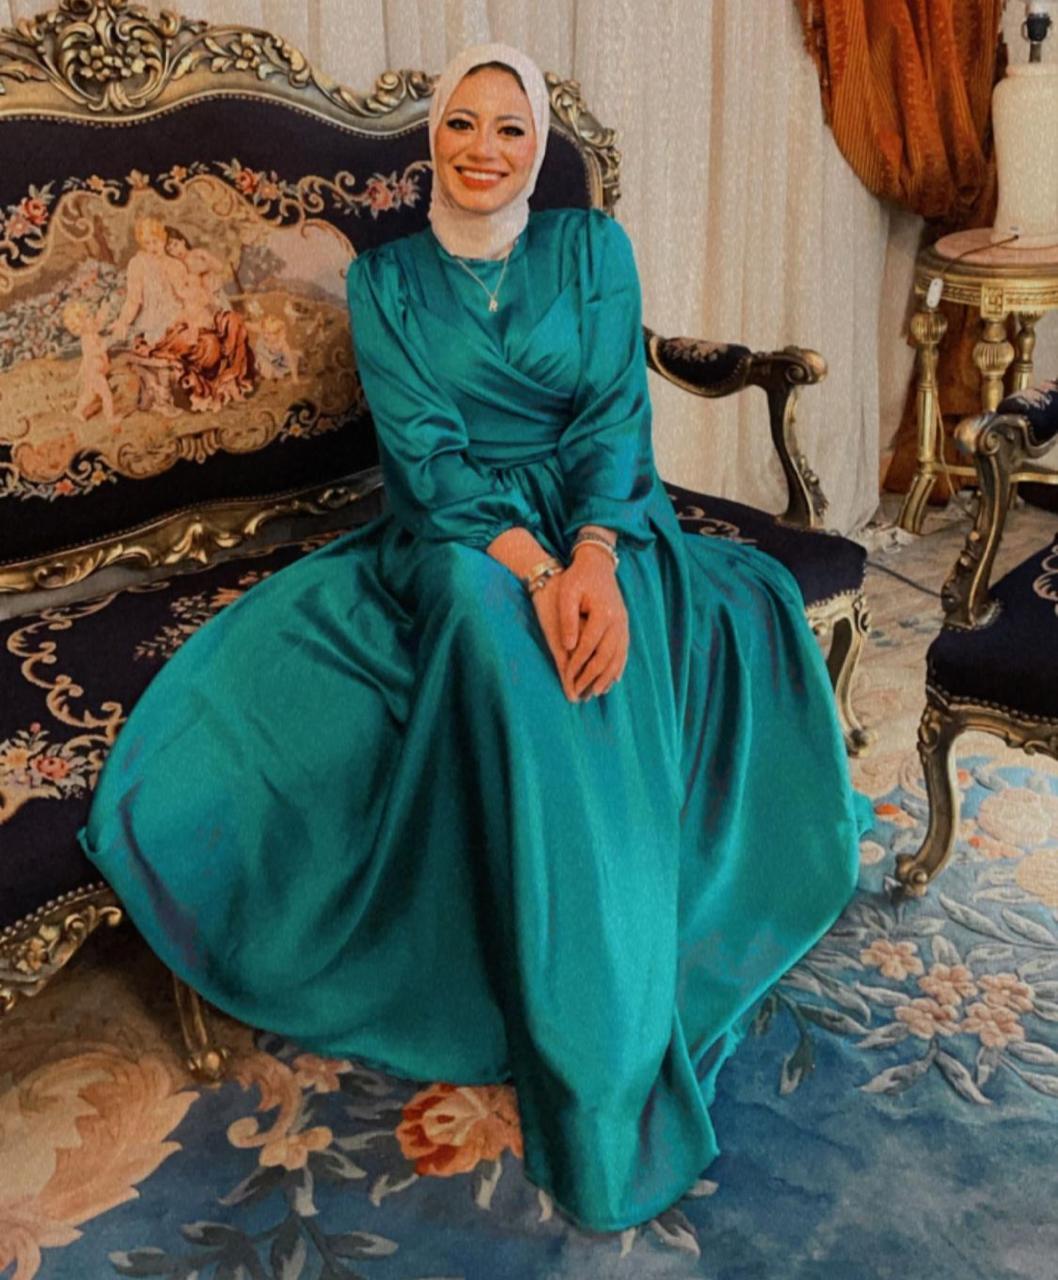 7 رانيا يحيى بفستان فيروزي لسهرات العيد -الصورة من حسابها على الانستغرام